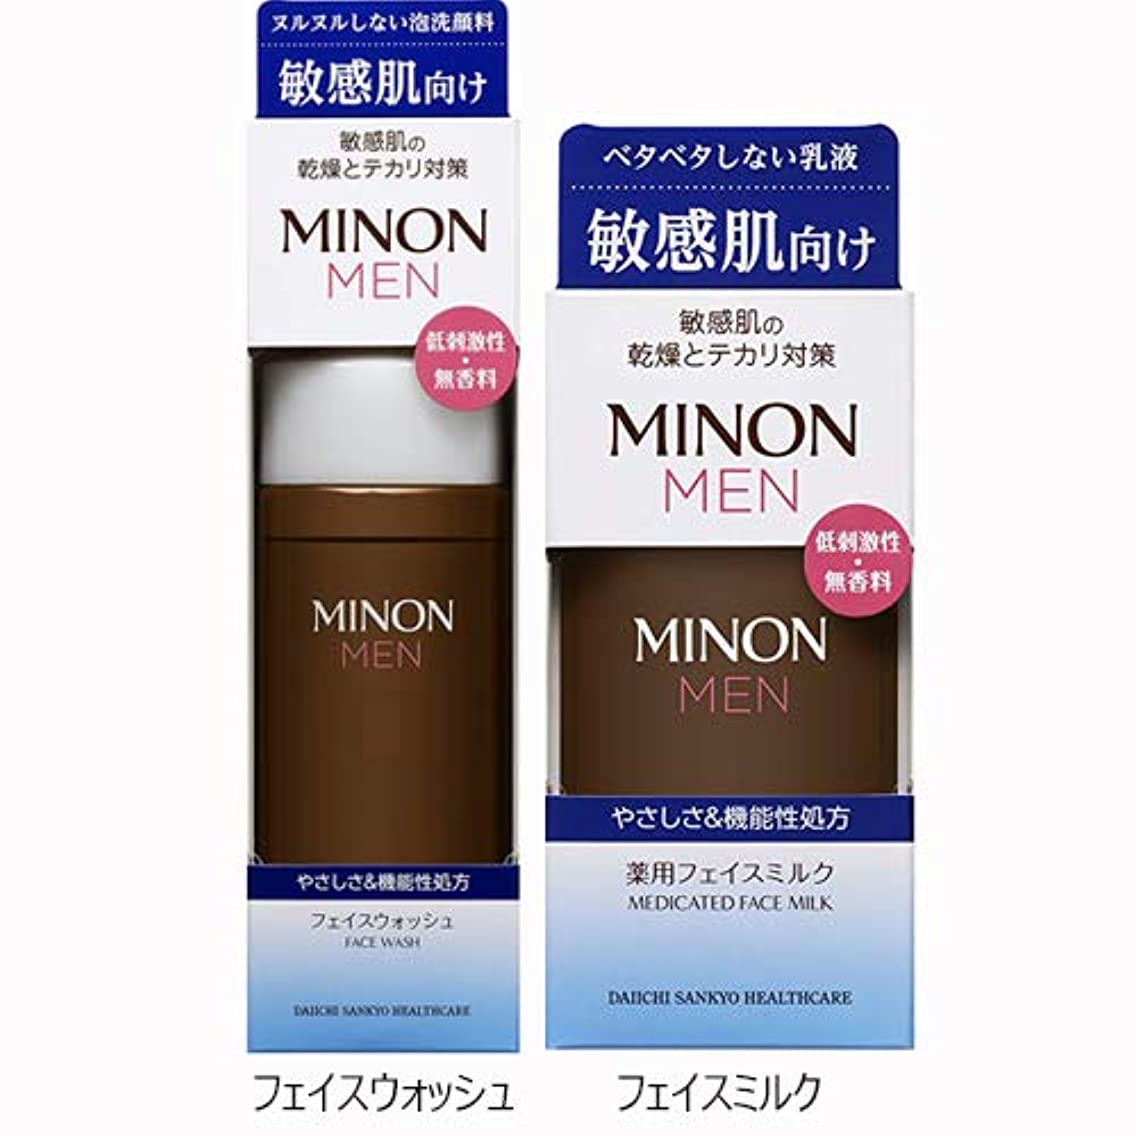 【セット】MINON MEN(ミノン メン) フェイスウォッシュ150ml+フェイスミルク100mlセット【泡洗顔料+i(乳液】(4987107624420+4987107624512)